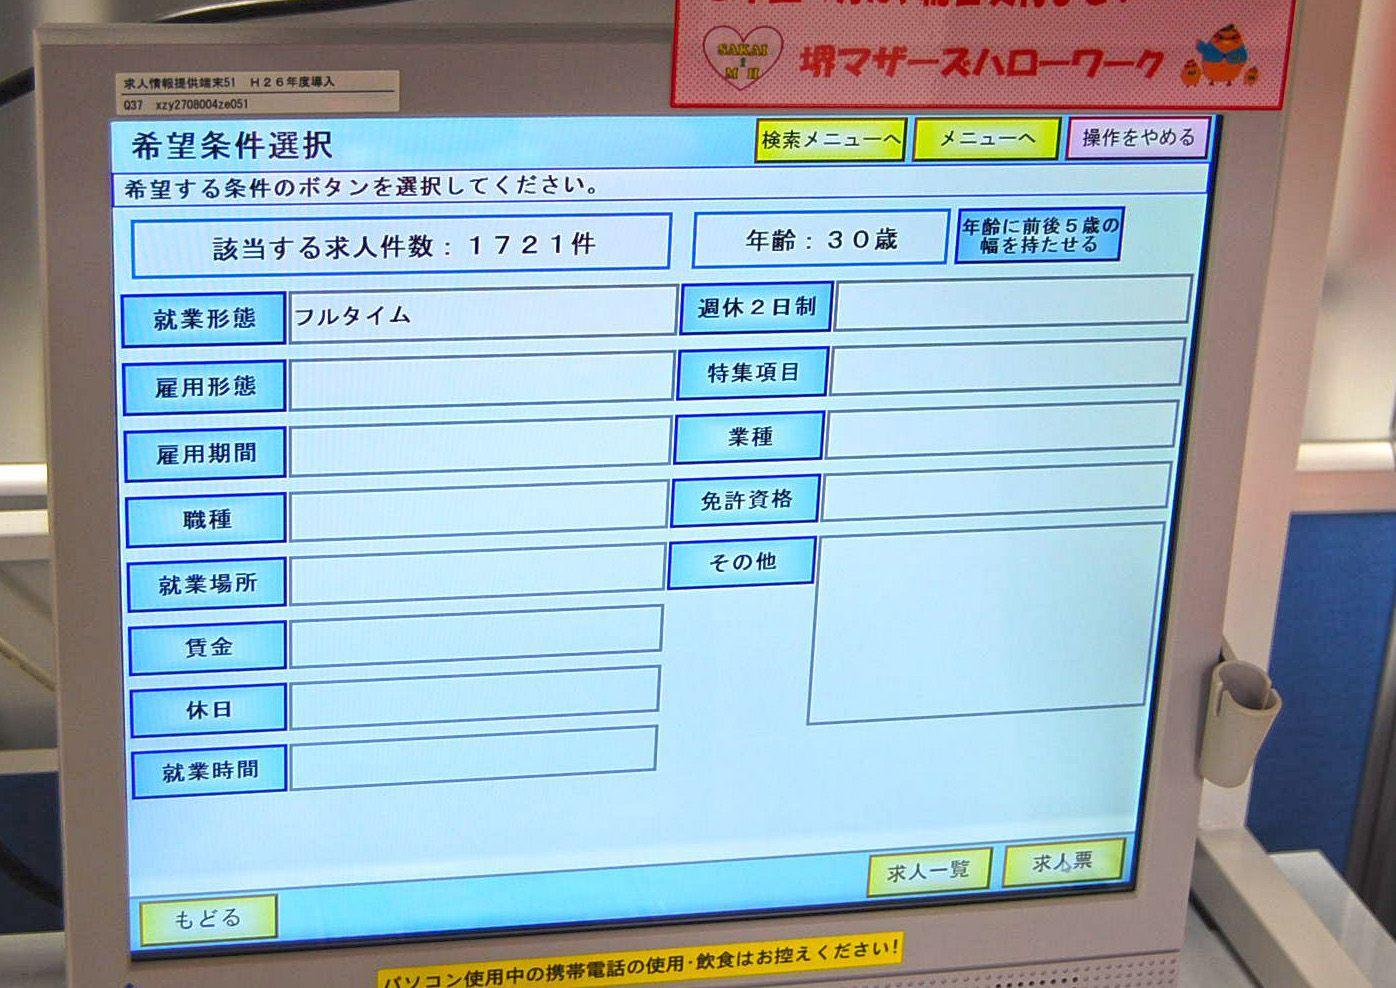 子育て応援求人に分類されている、大阪全体のフルタイムの求人は1721件あります。